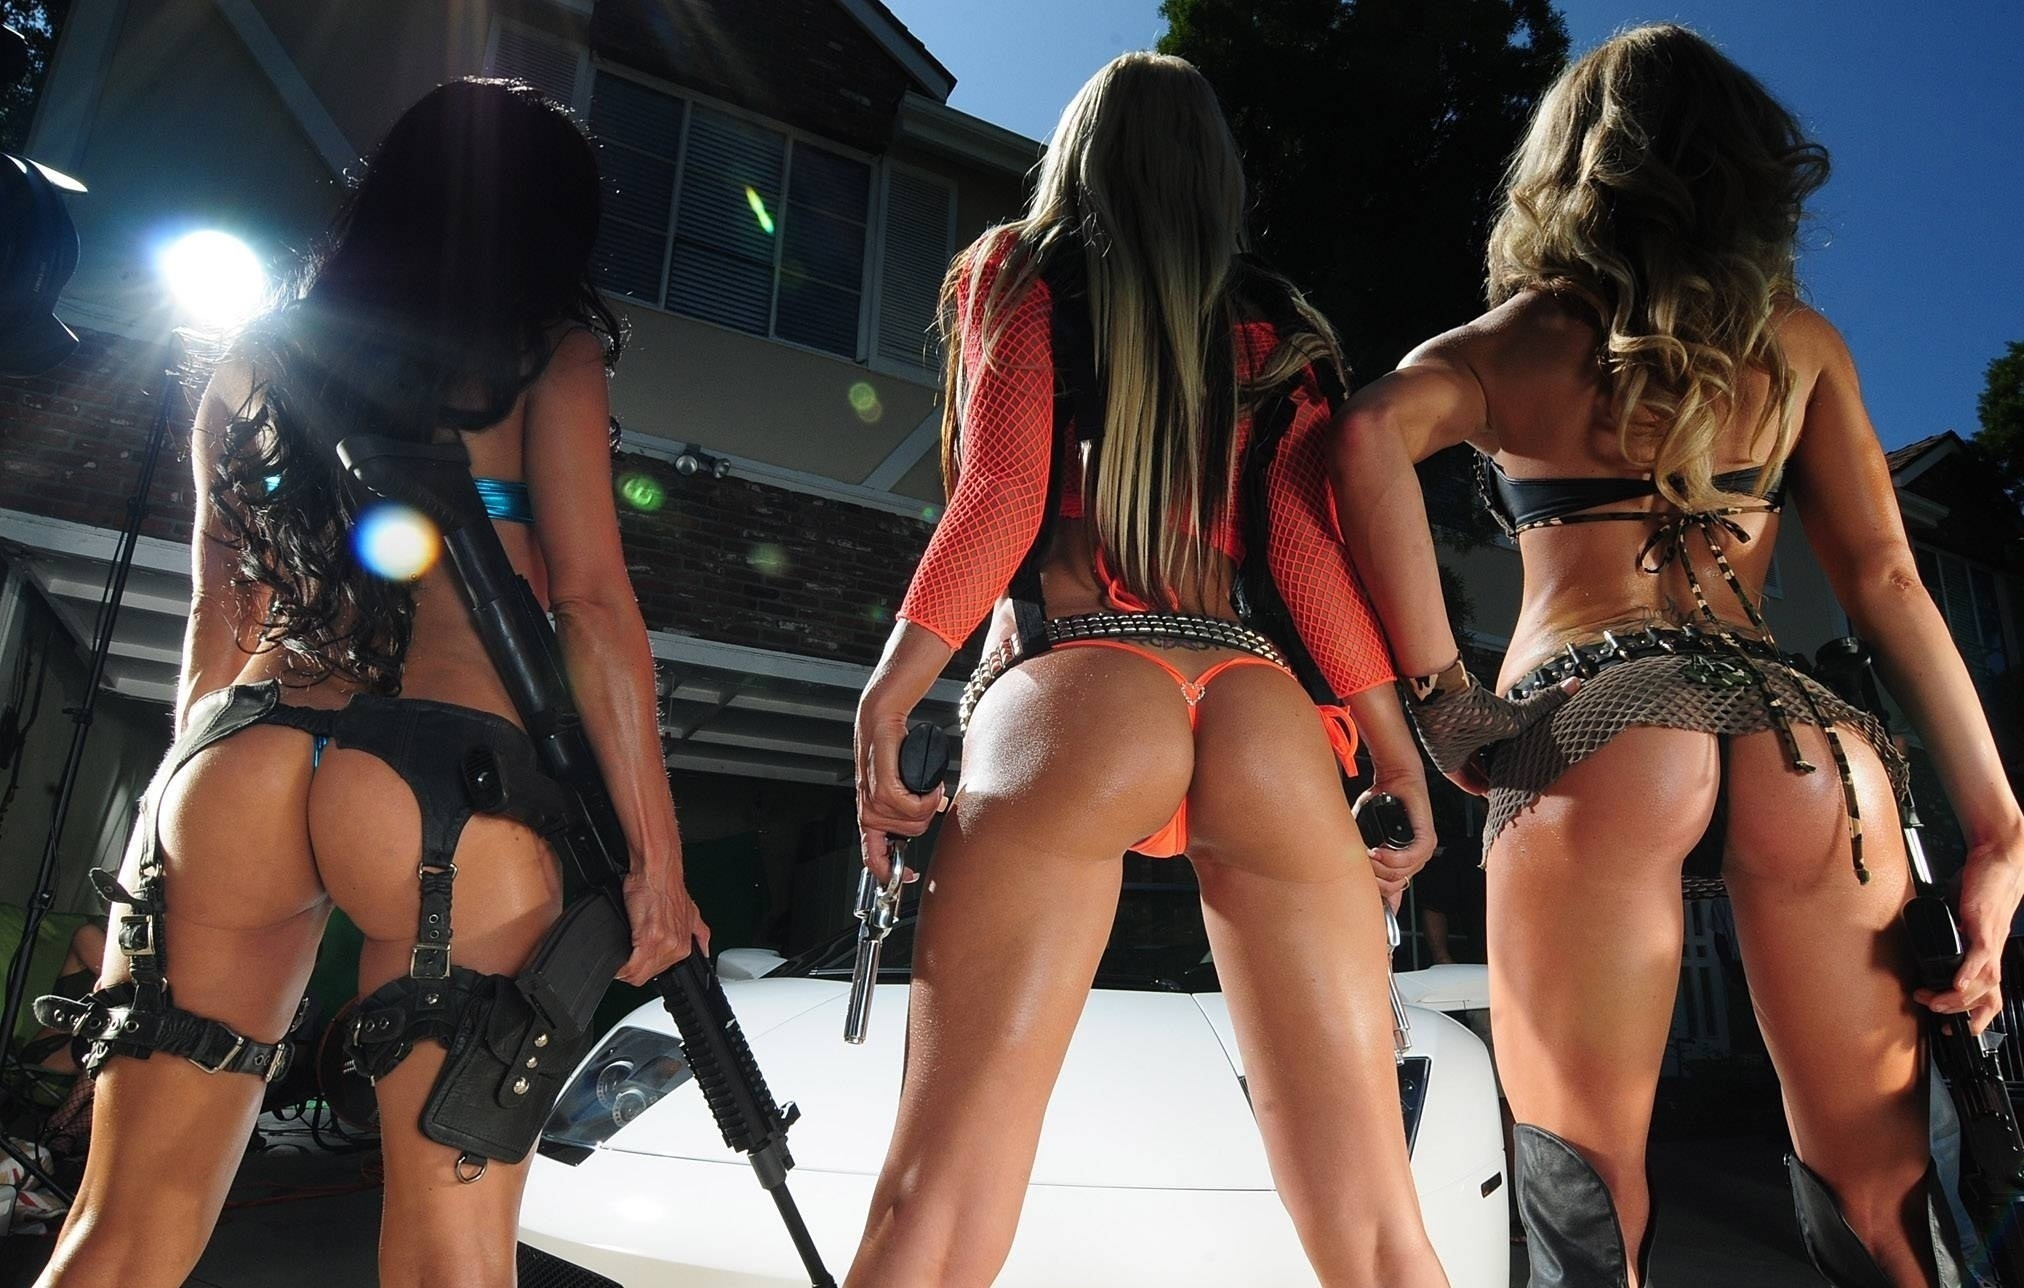 sexy girls with guns, секси девушки с оружием, скачать фото, обои для рабочего стола